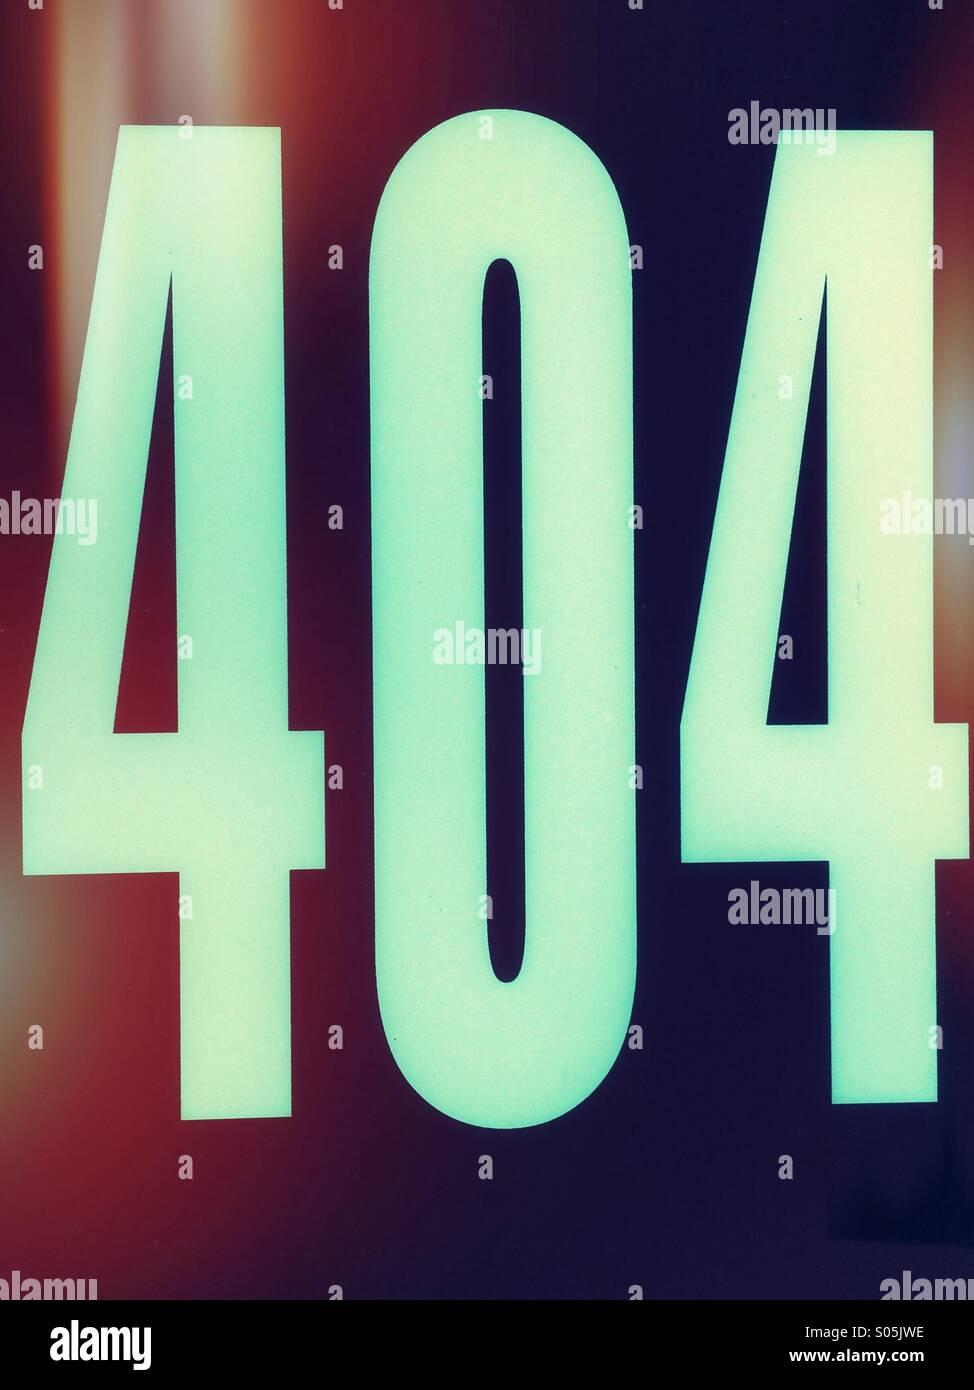 Fehler 404 bedeutet, dass die Website, die Sie zugreifen wollten nicht gefunden wurde. Stockbild